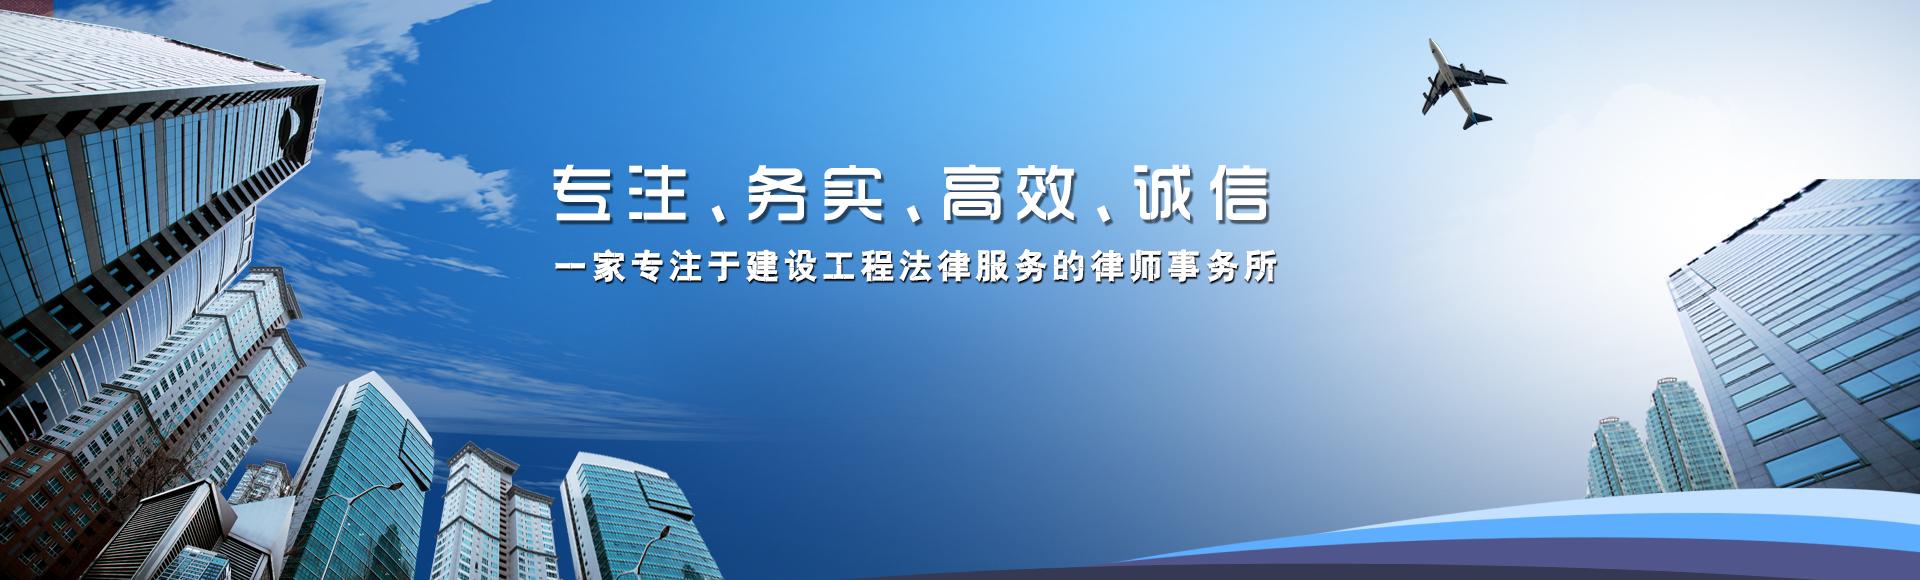 贵州建筑工程律师